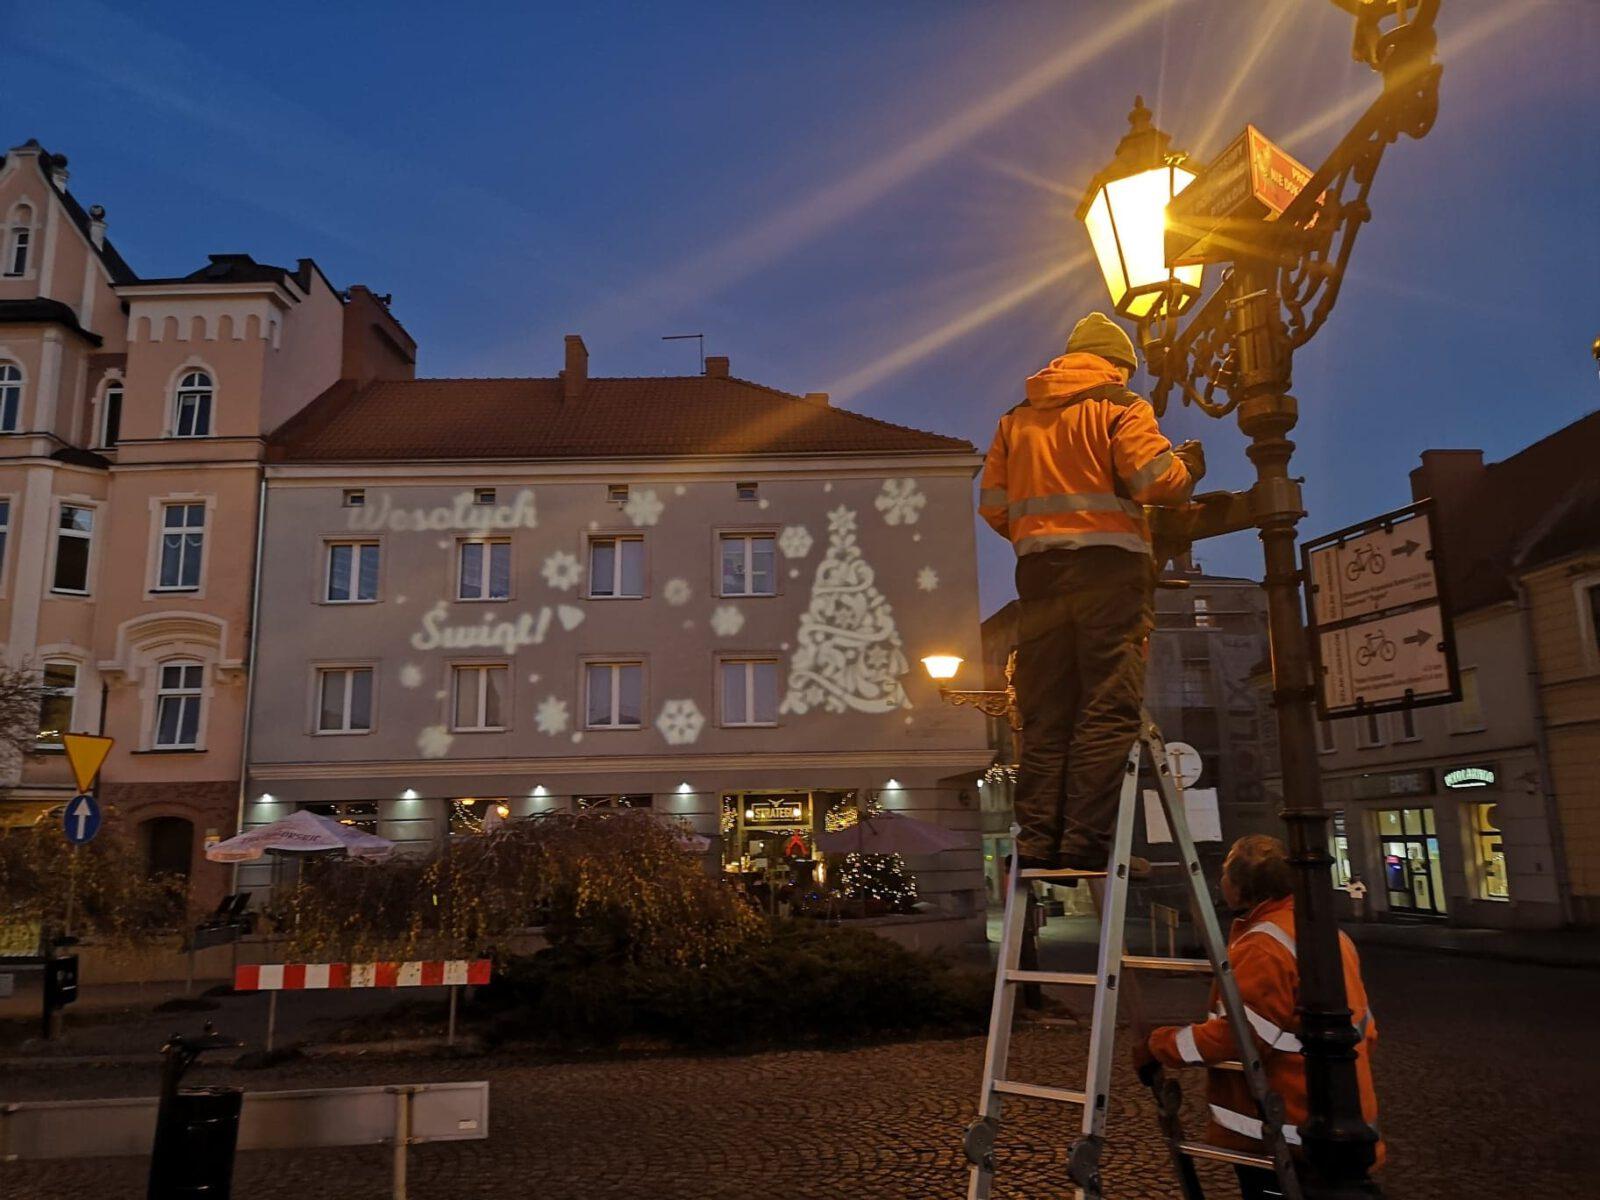 Montaż świątecznej iluminacji na budynkach na Rynku w Tarnowskich Górach31988721_739770863318793_8568144776793429054_n